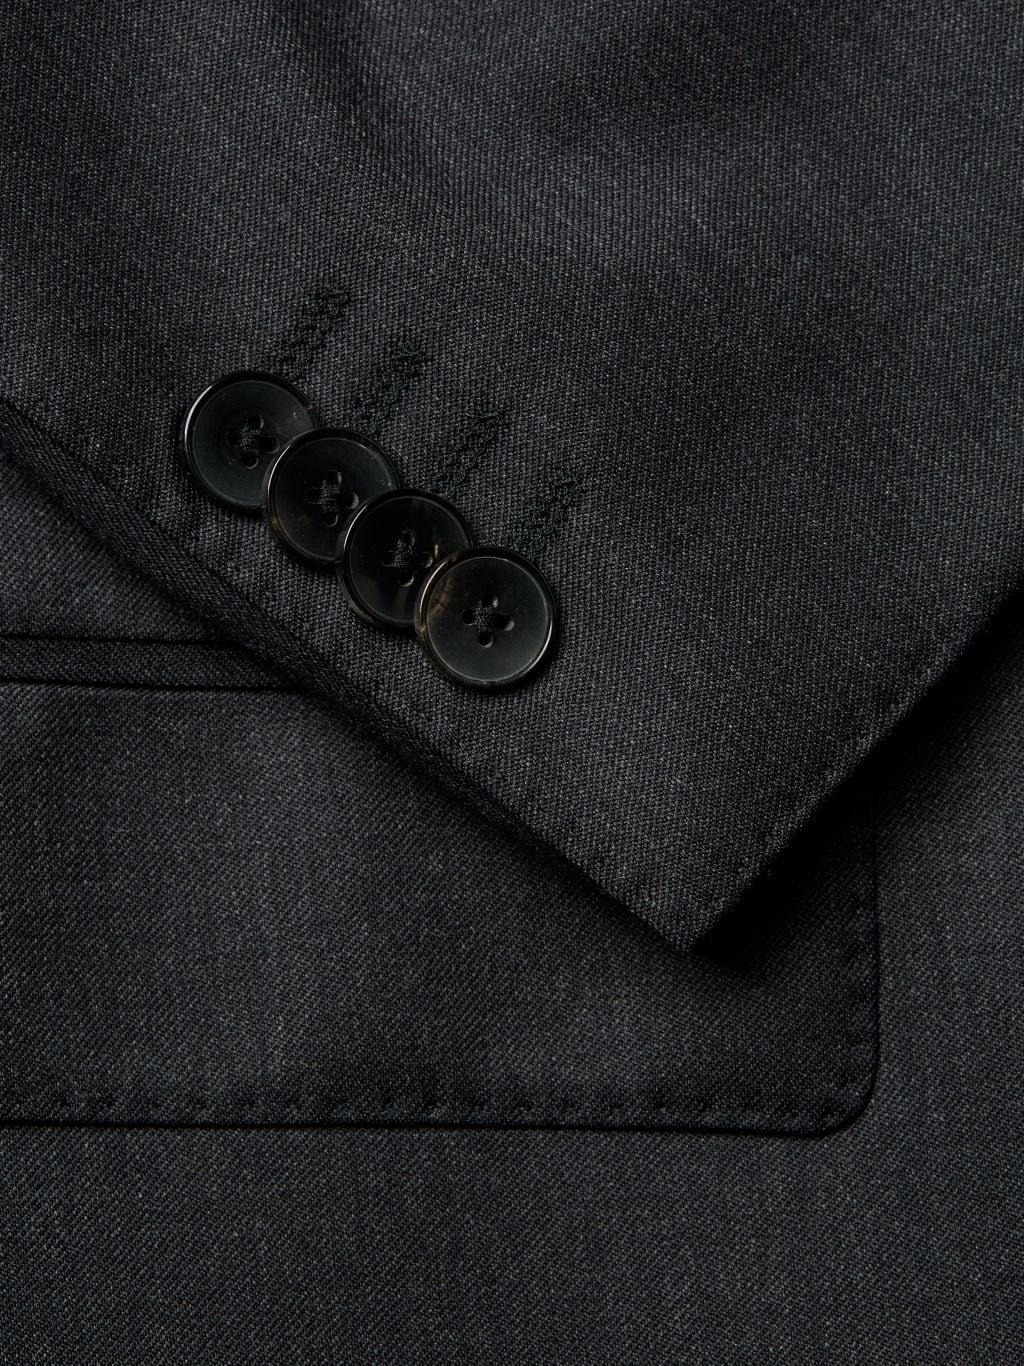 Boss Hugo Boss Classic-Fit Johnstons & Lenon Virgin Wool Suit